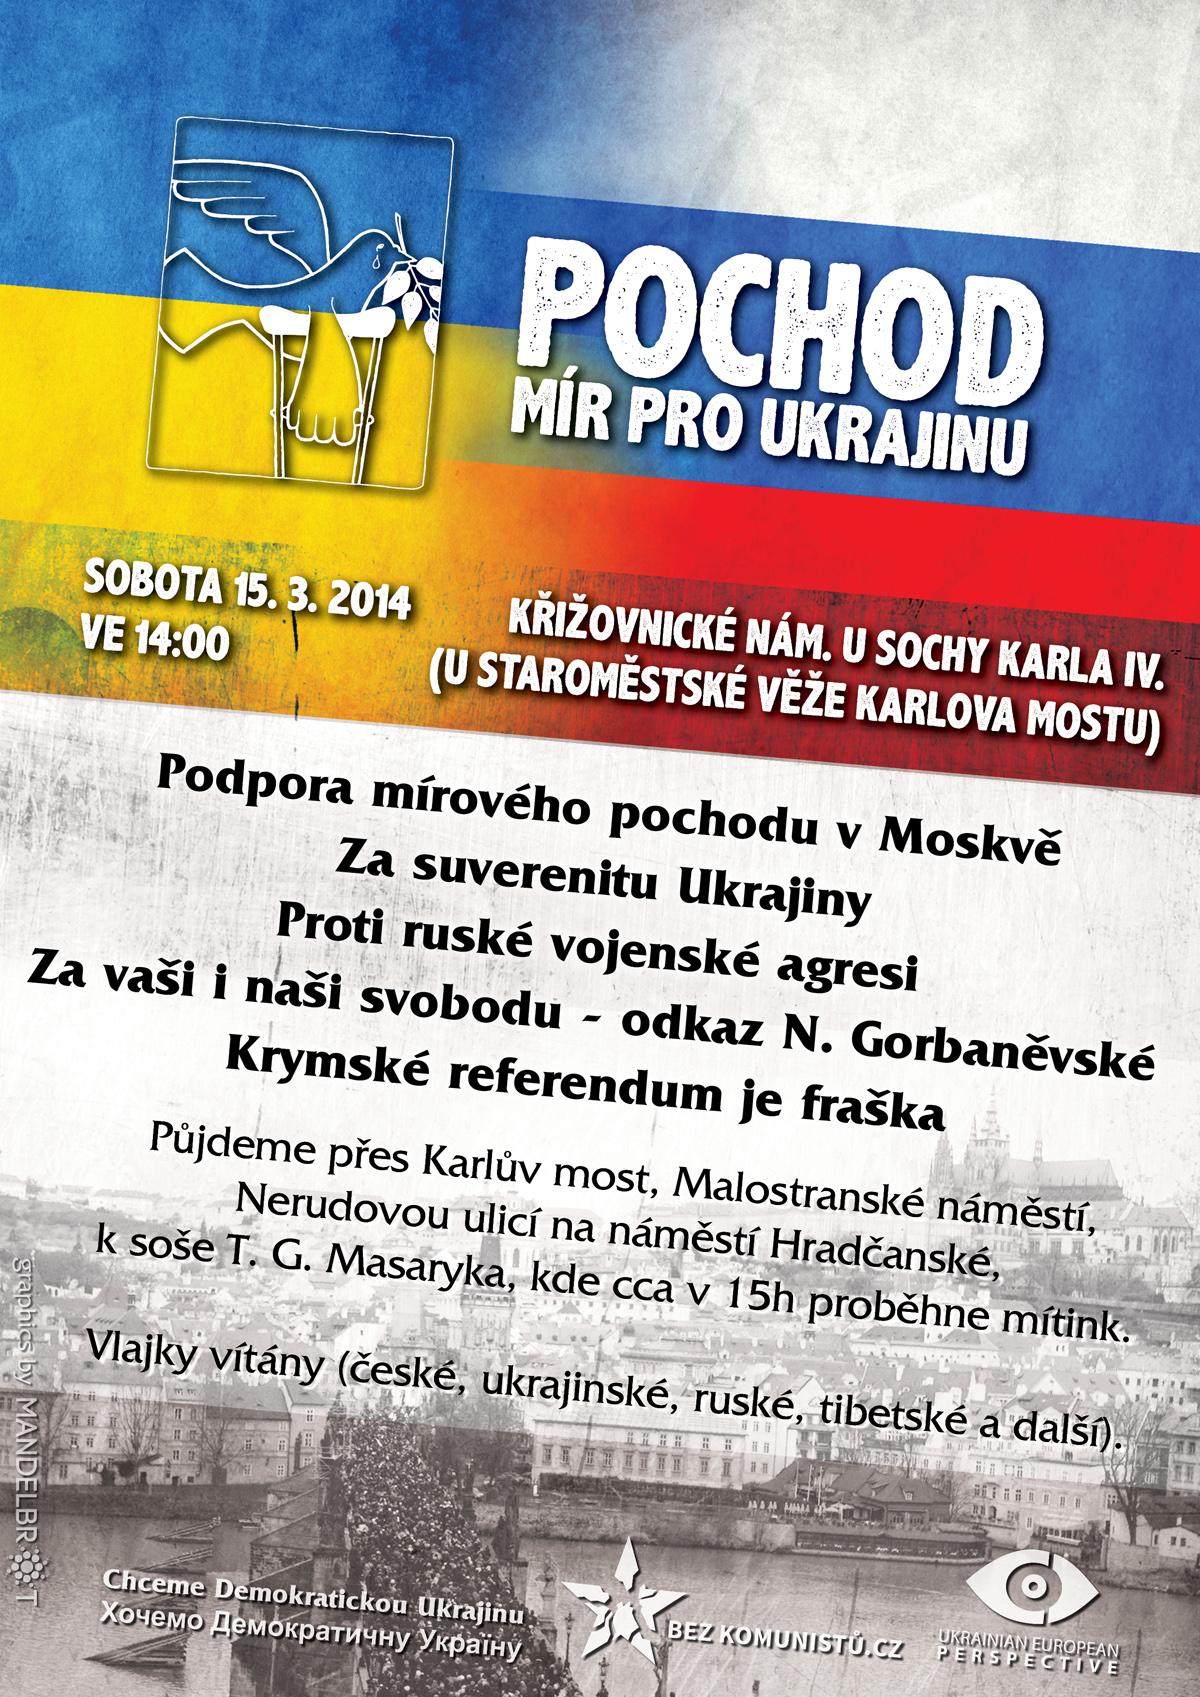 Pochod_Mir_Pro_Ukrajinu.jpg